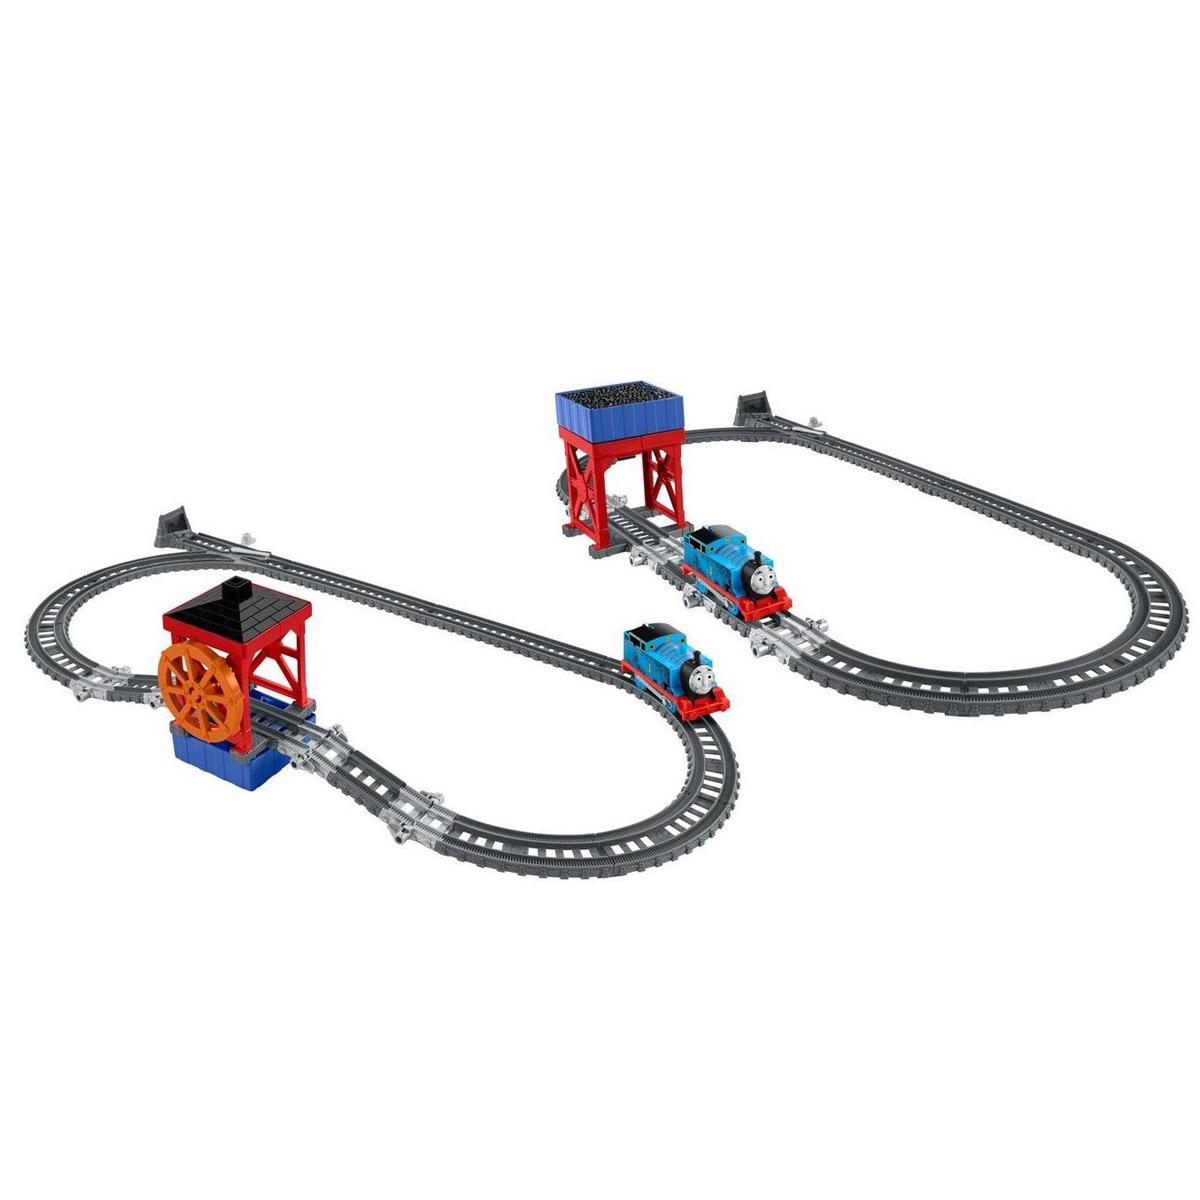 Томас и его друзь. Набор 2-в-1 - Угольный бункер/Водное колесоДетска железна дорога<br>Томас и его друзь. Набор 2-в-1 - Угольный бункер/Водное колесо<br>